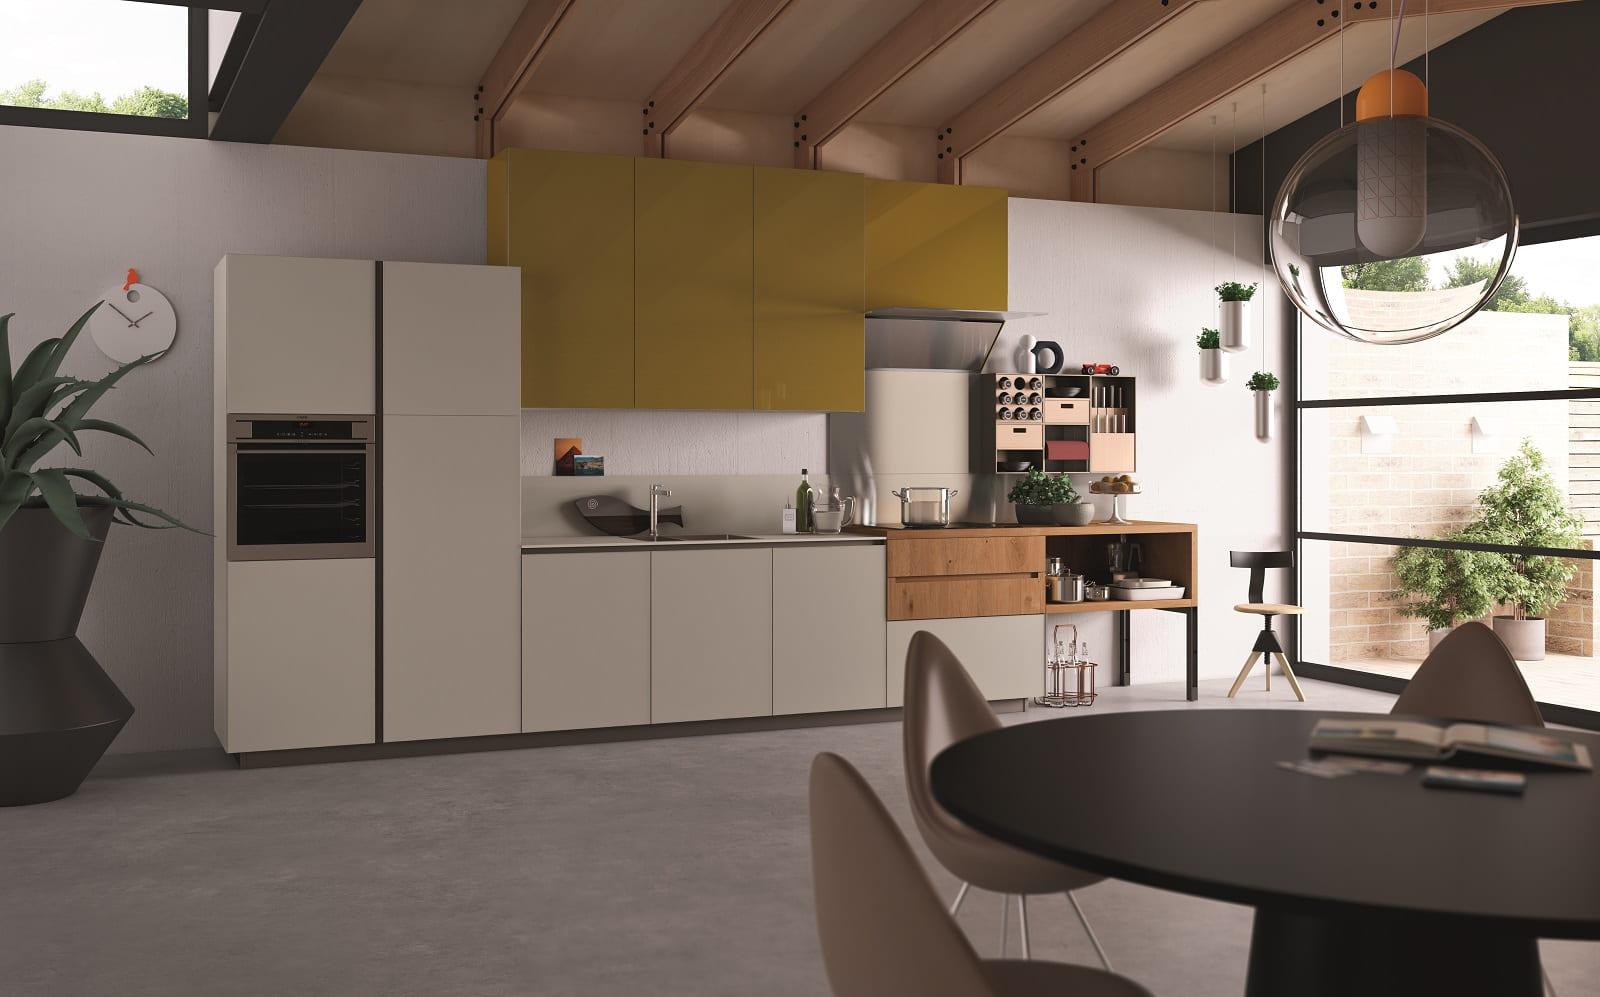 Cucine Modernissime Con Isola cucine moderne | esposizione cucine a napoli tolomello